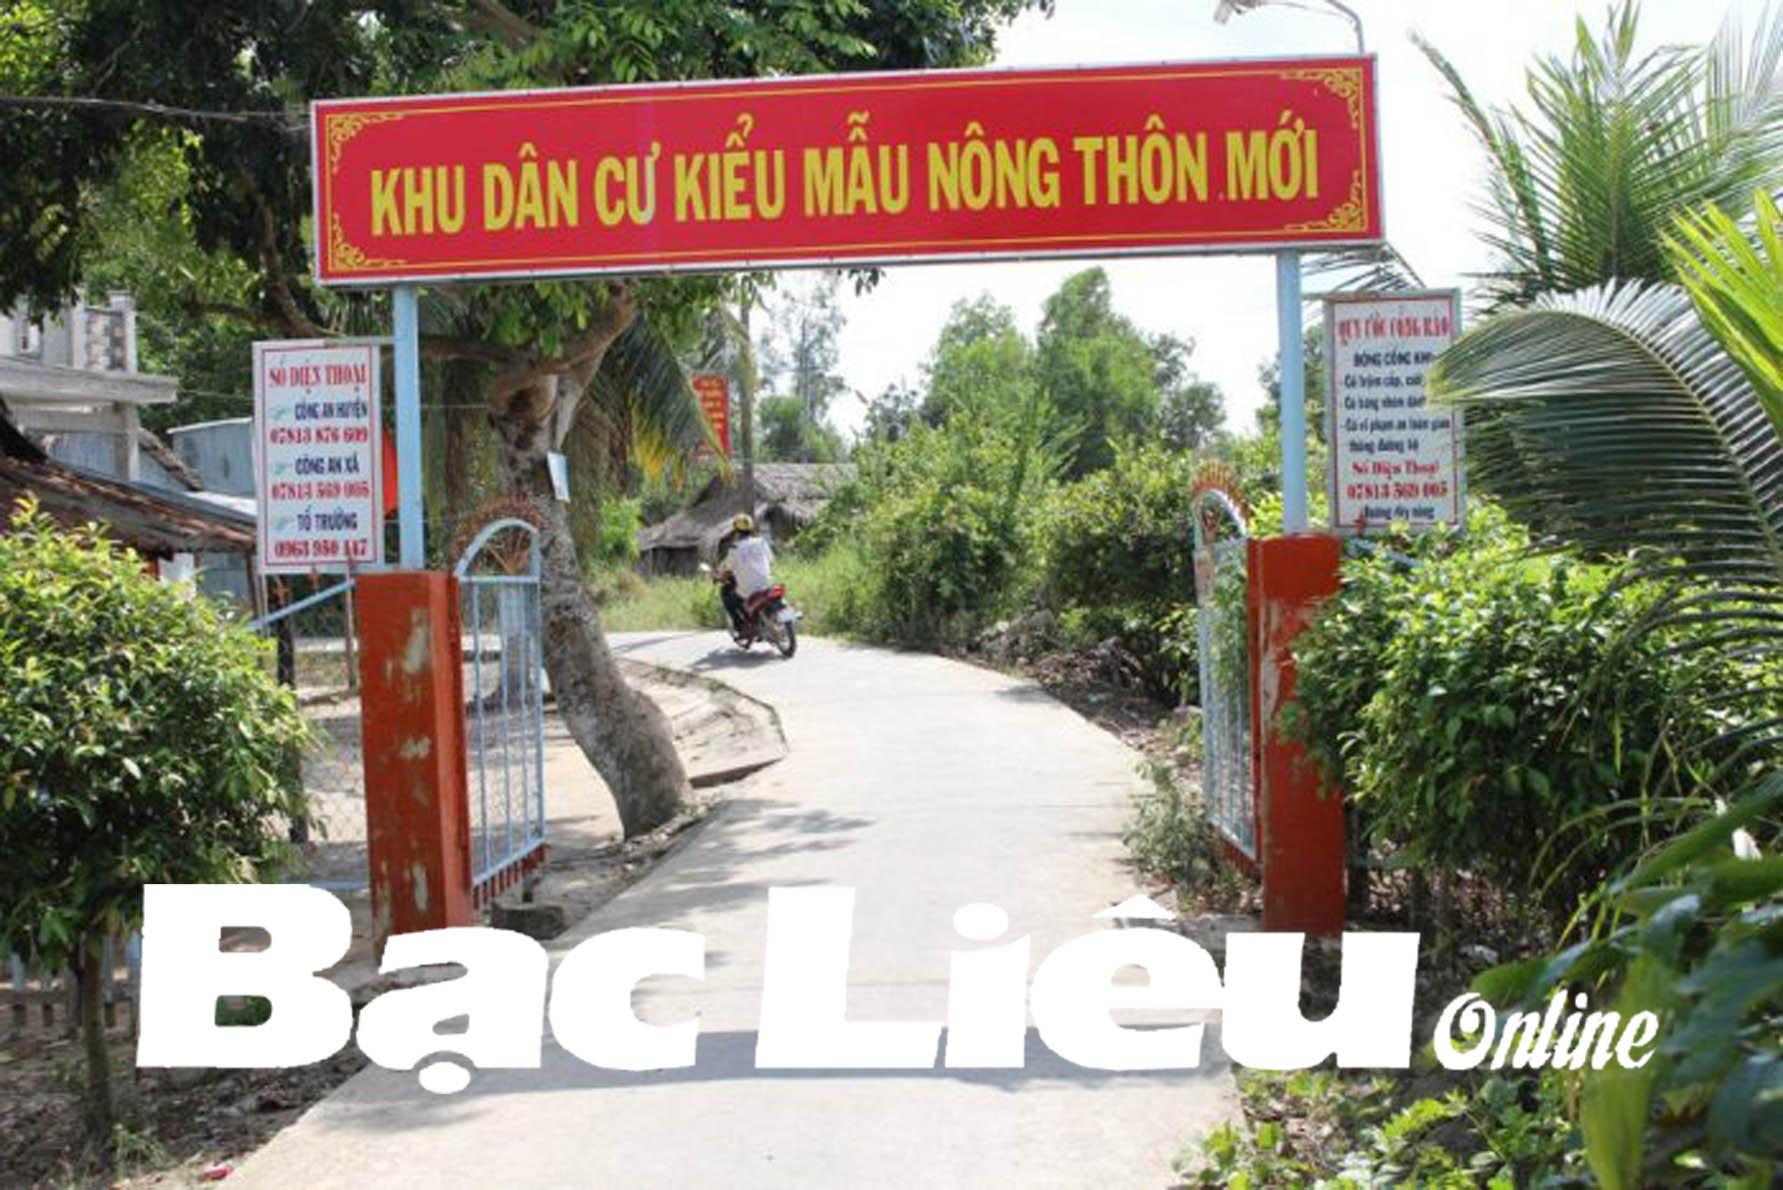 Huyện Hồng Dân: Dân vận khéo trong xây dựng nông thôn mới